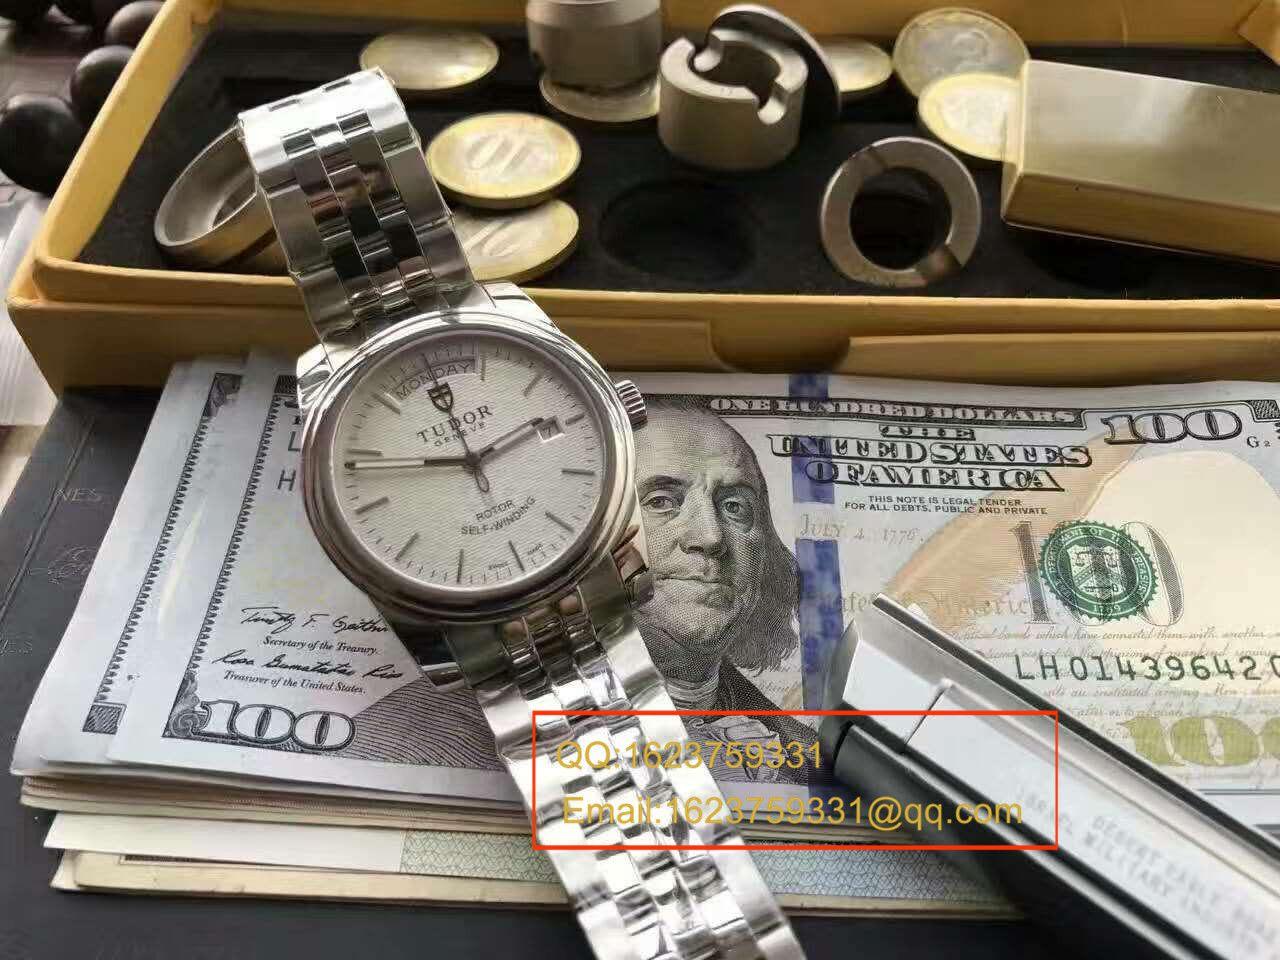 【实拍图鉴赏】台湾超A高仿手表帝舵骏珏系列56000-68060男士机械手表 / DT008